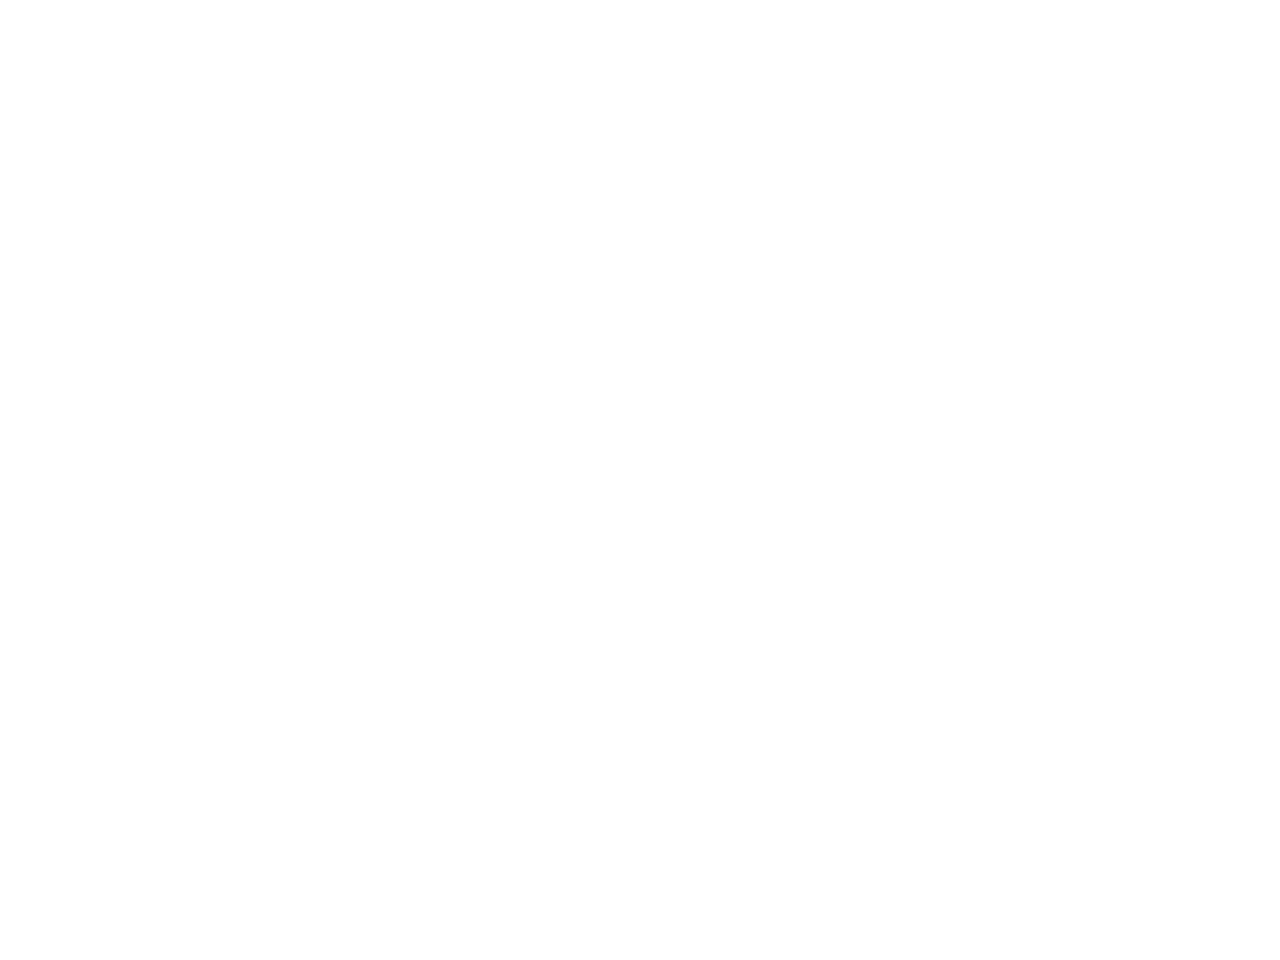 马蜂窝_旅游攻略,自由行,自助游攻略,旅游社交分享网站